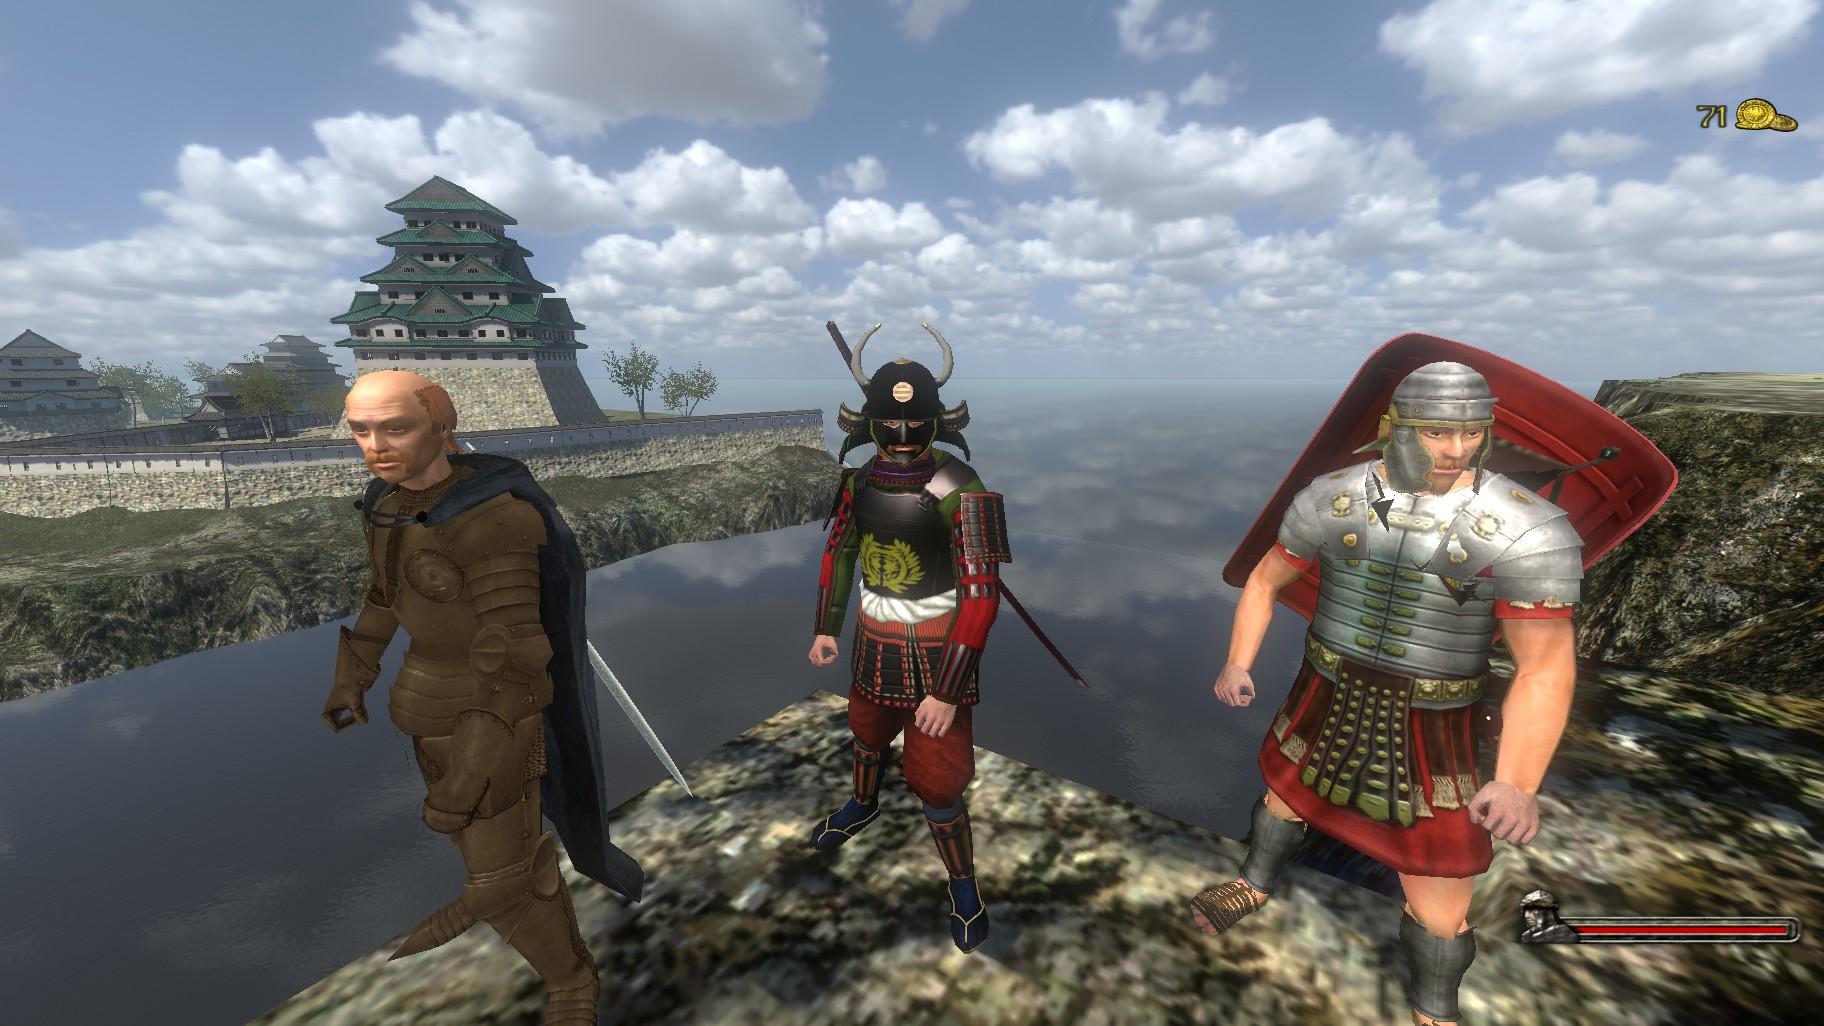 Как сделать так, чтобы тебя признали королём в Mount and Blade Warband 63